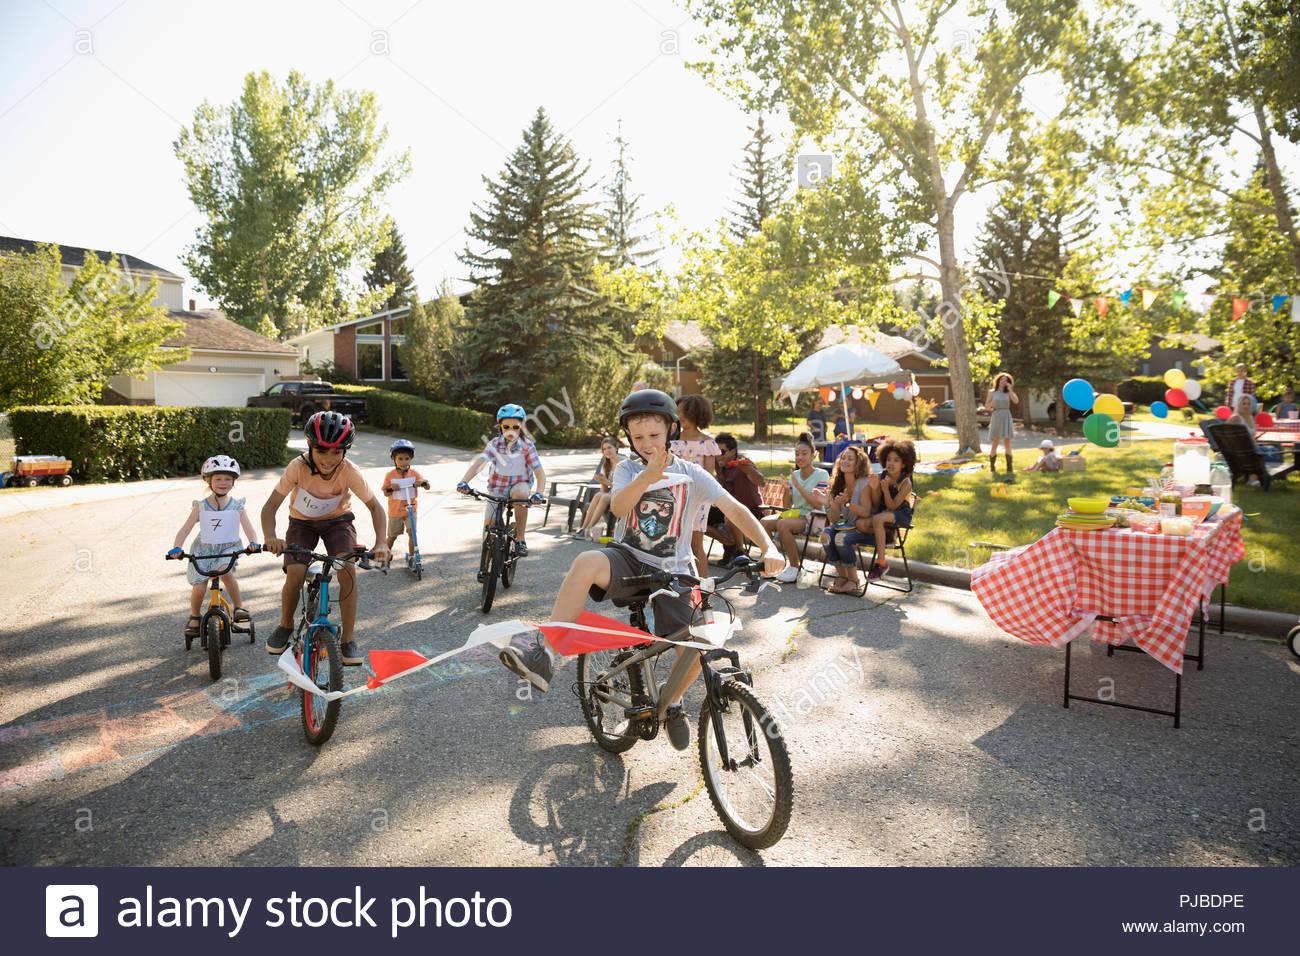 Kinder genießen Fahrrad Rennen am Sommer, der Nachbarschaft Block Party Stockbild